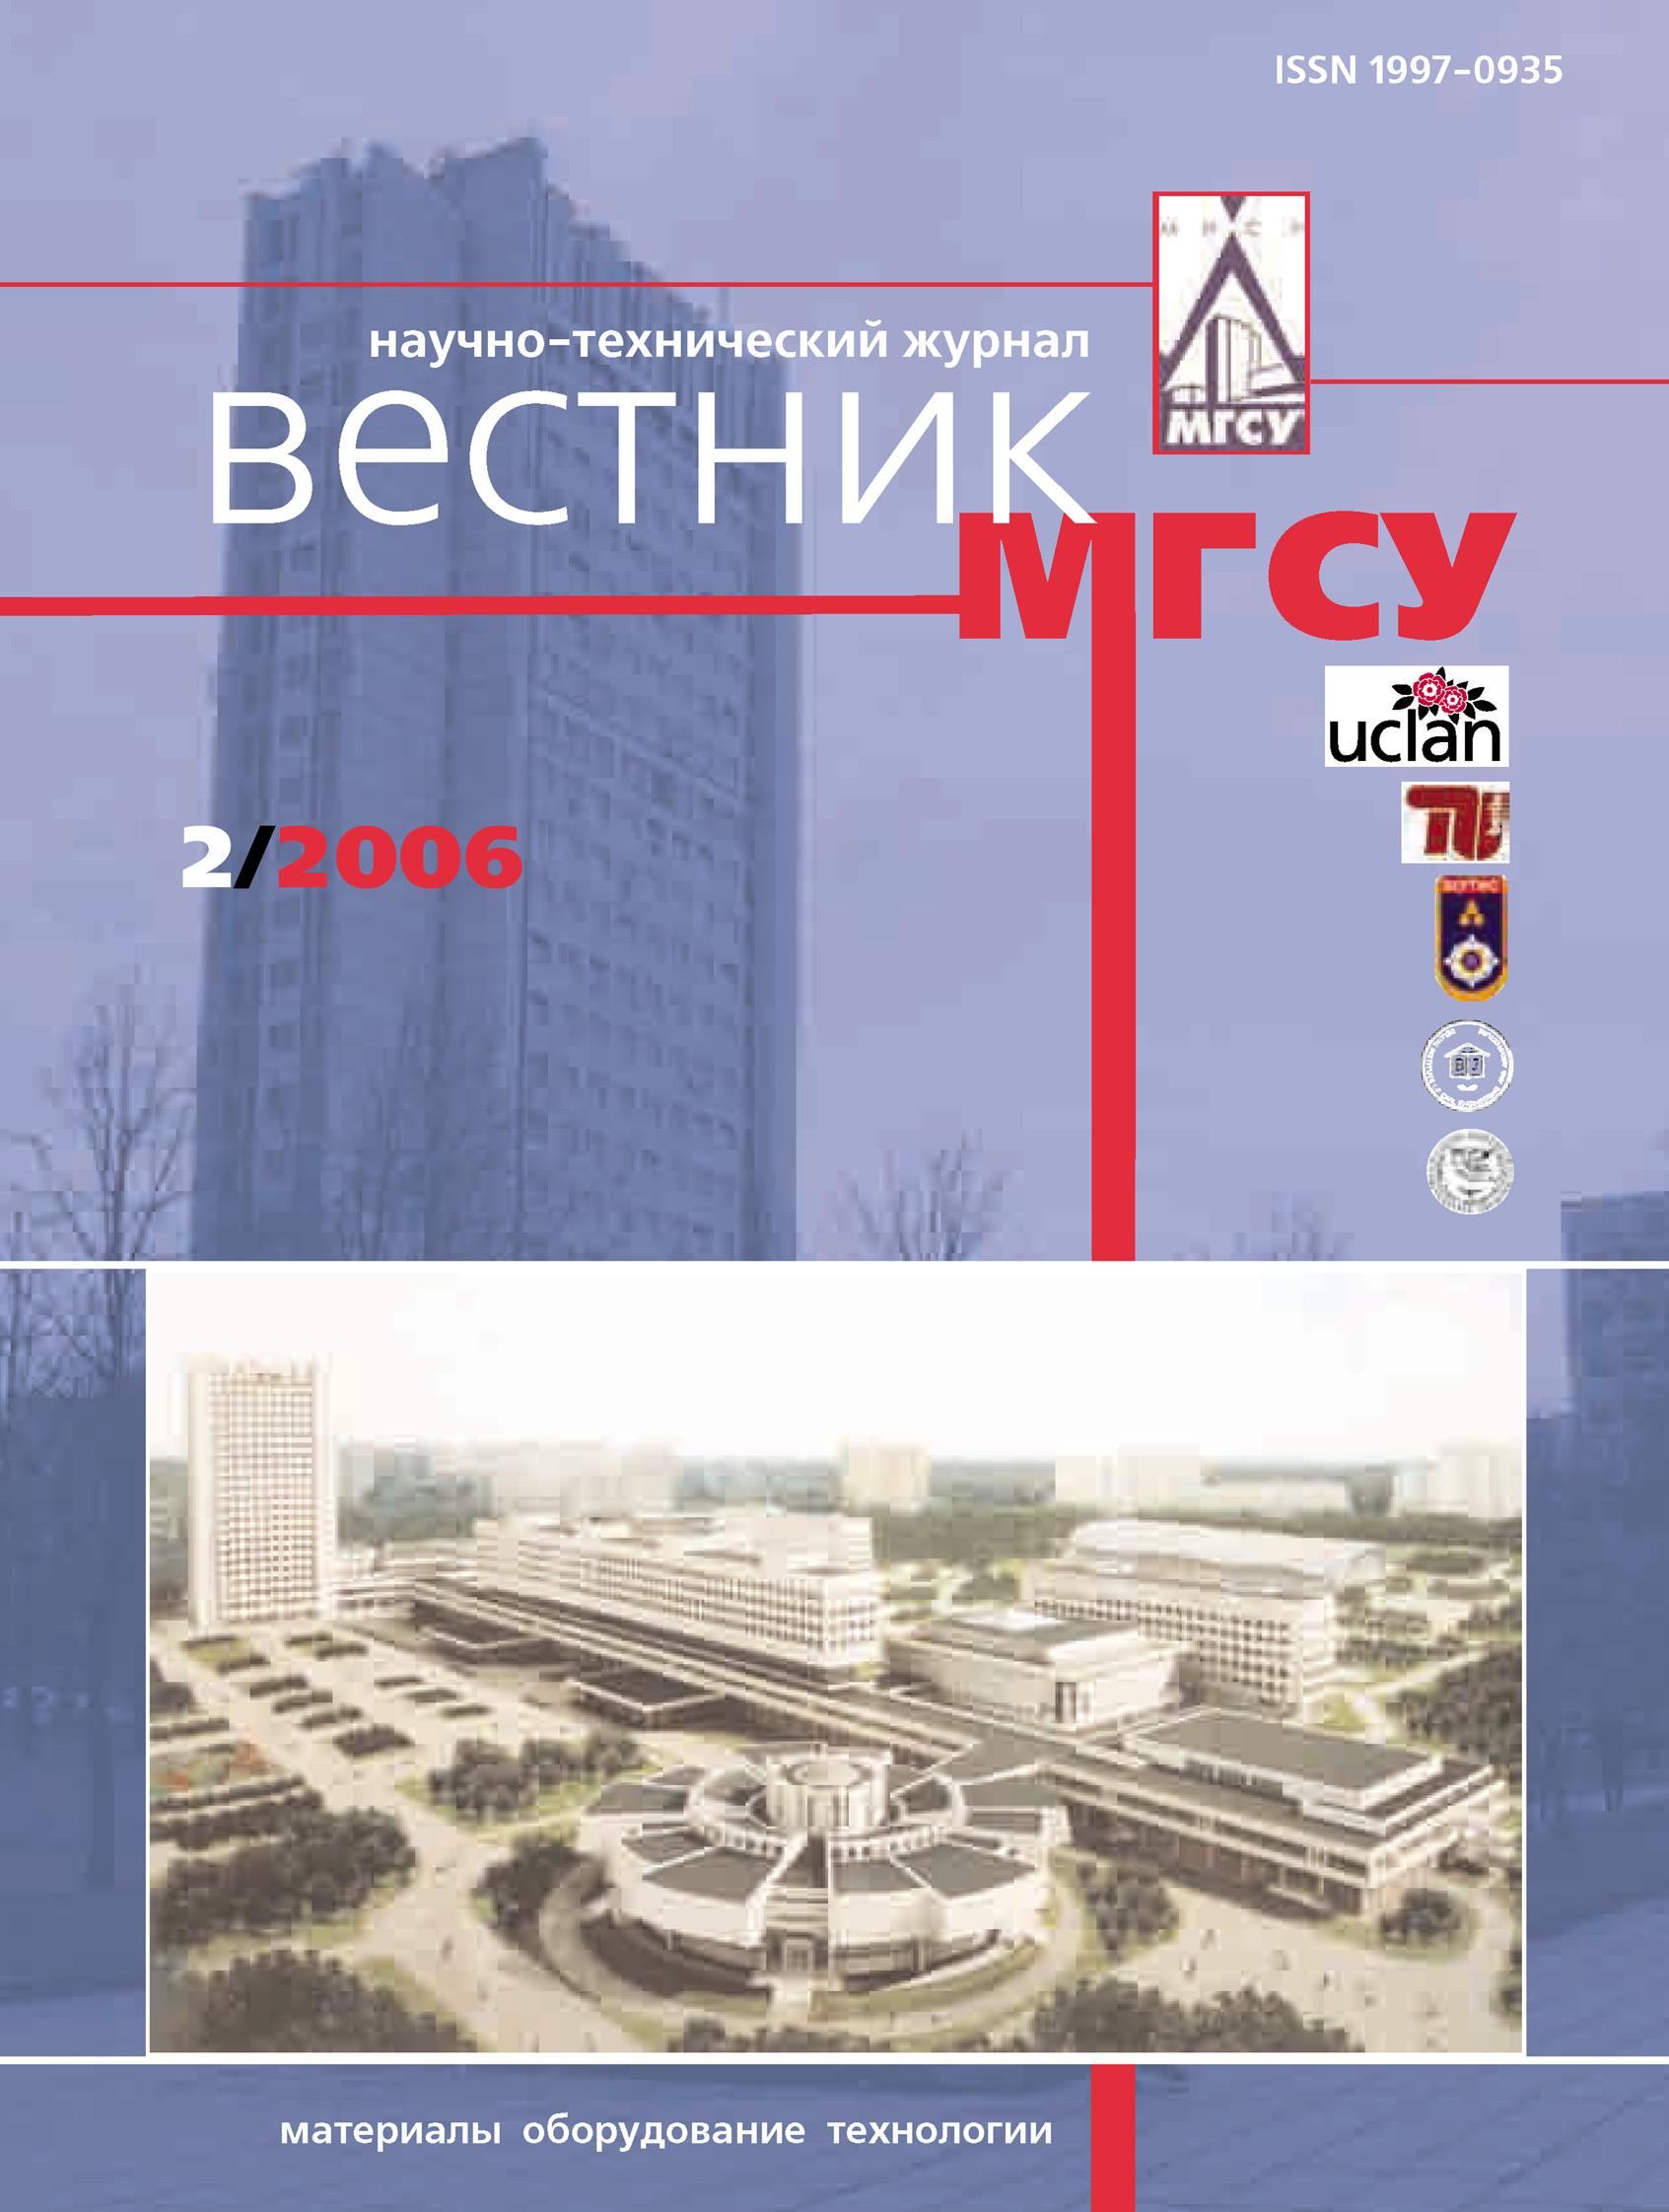 Вестник МГСУ №2 2006